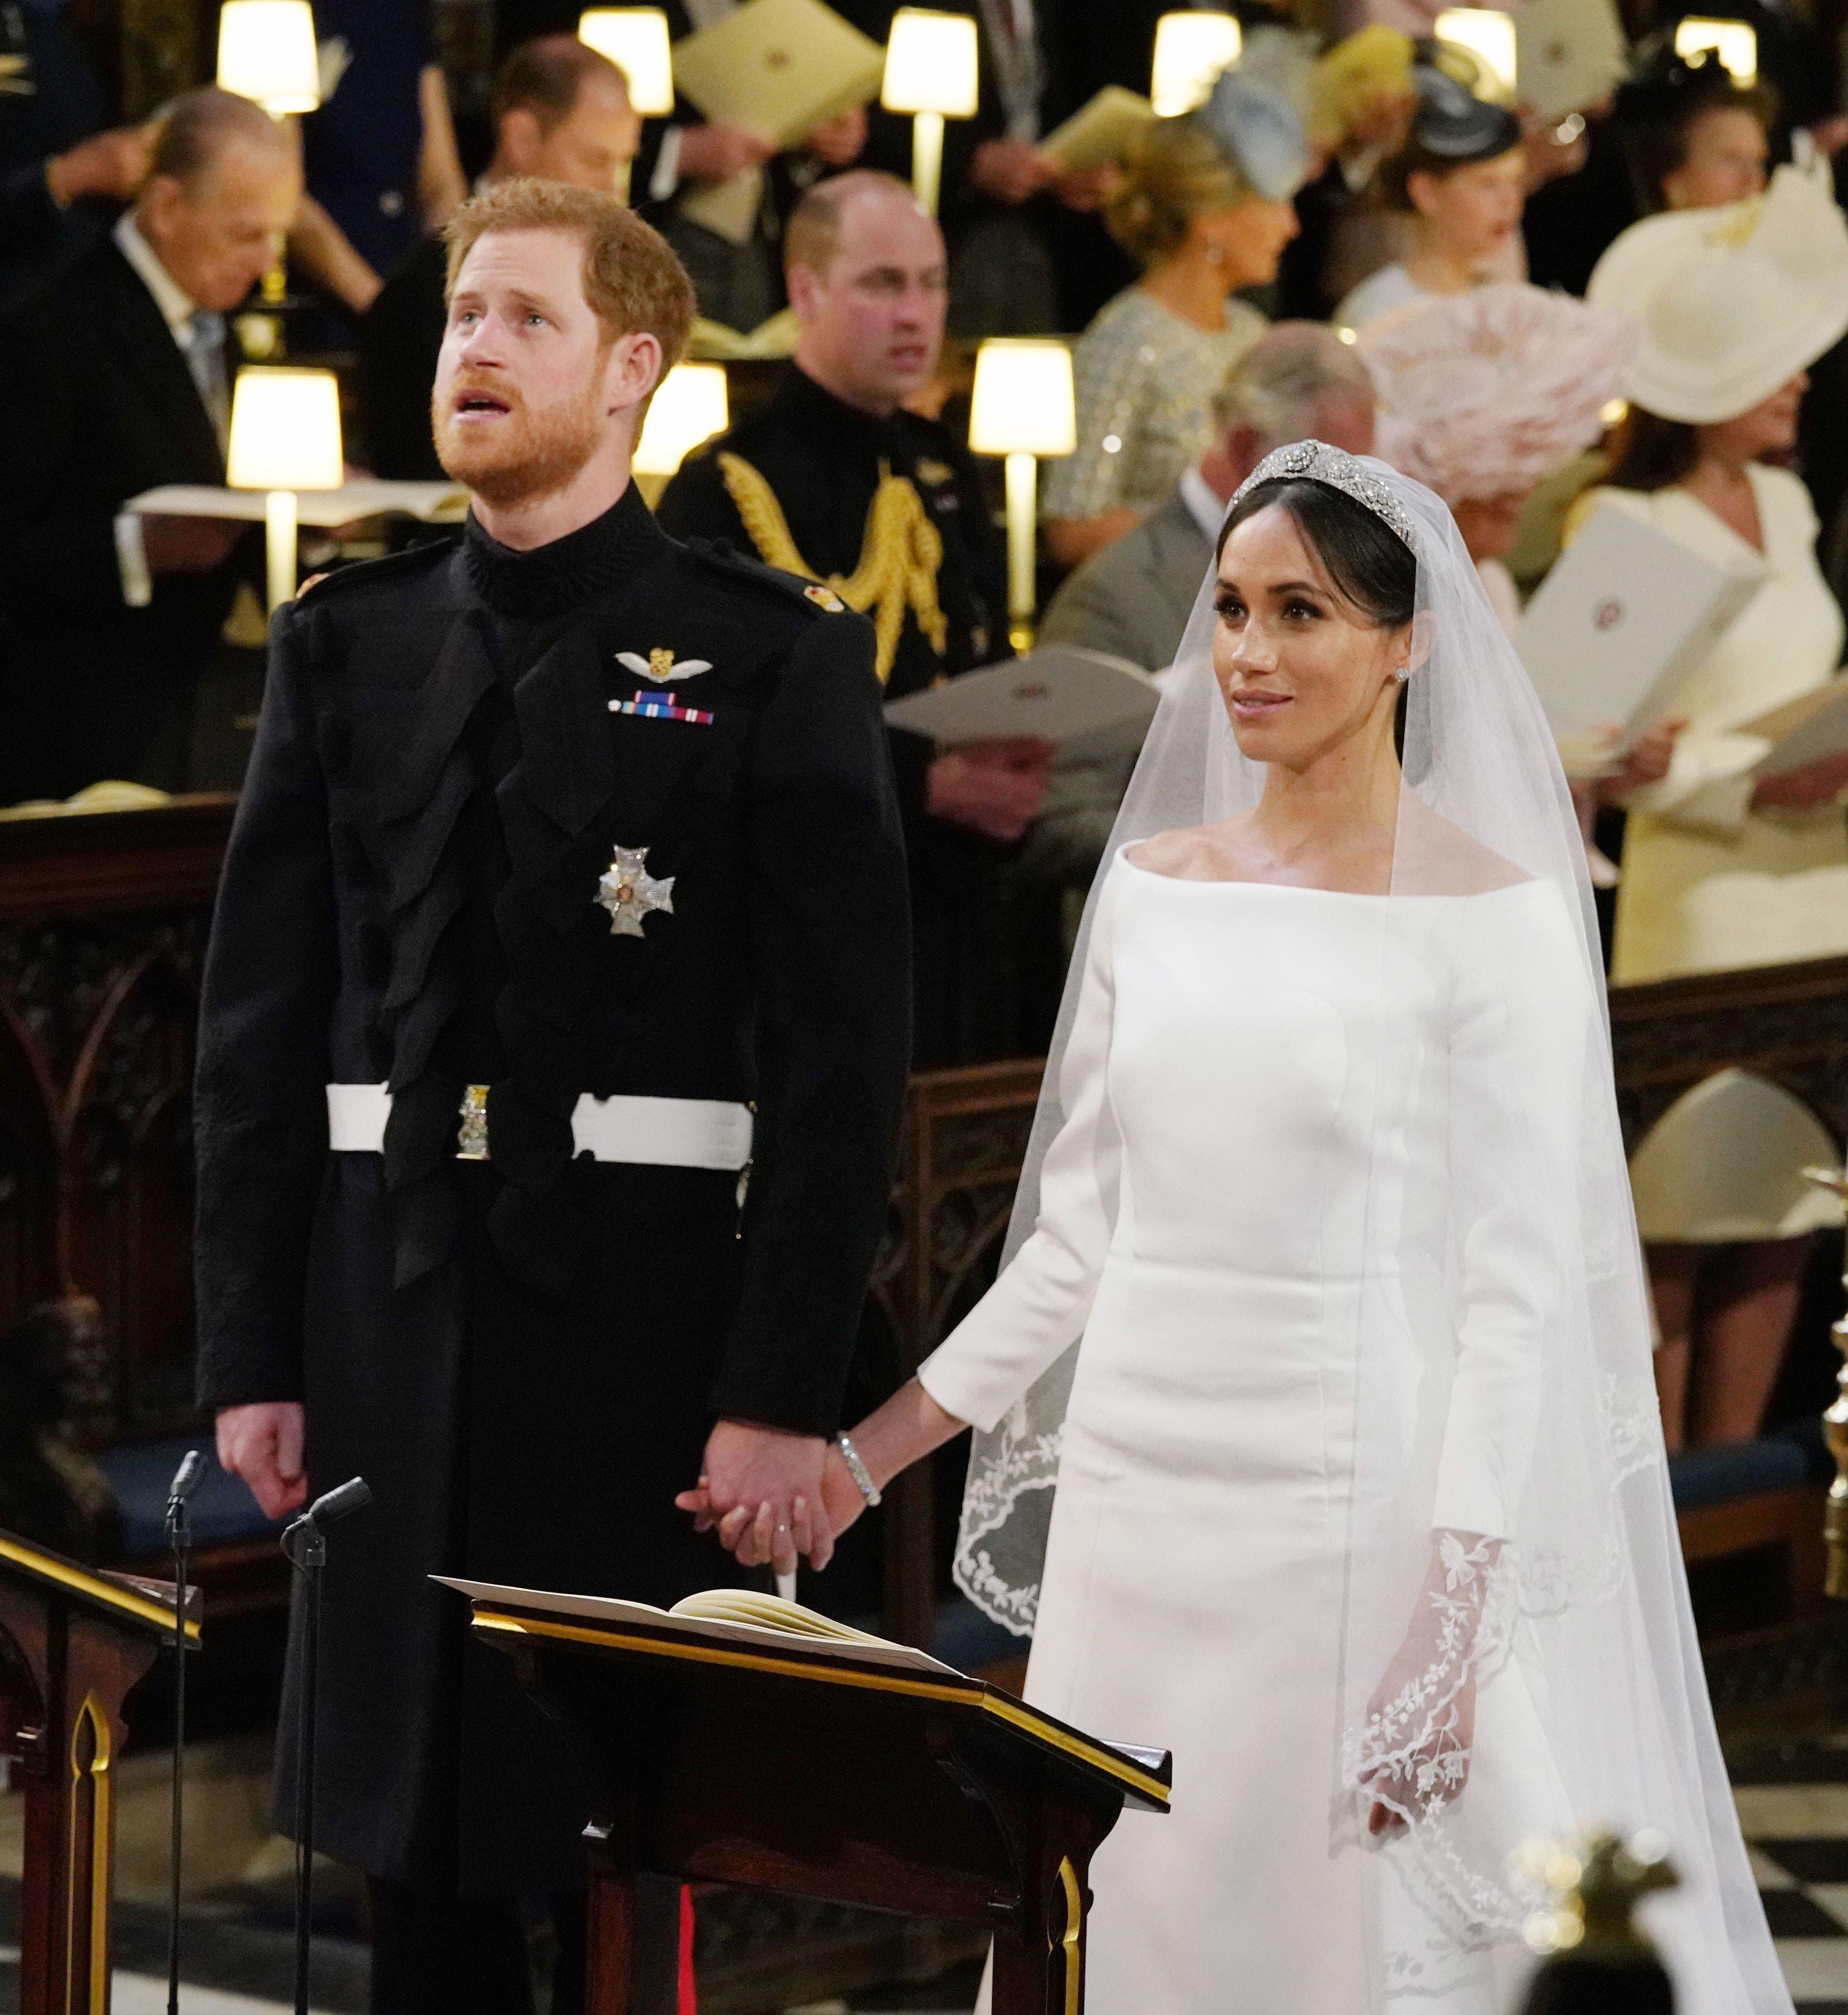 El príncipe Harry, Duque de Sussex (L) y la prometida estadounidense del príncipe heredero Harry Meghan Markle se reúnen en el Altar Mayor durante su ceremonia de boda en la Capilla de San Jorge, en el Castillo de Windsor, en Windsor, el 19 de mayo de 2018. / AFP